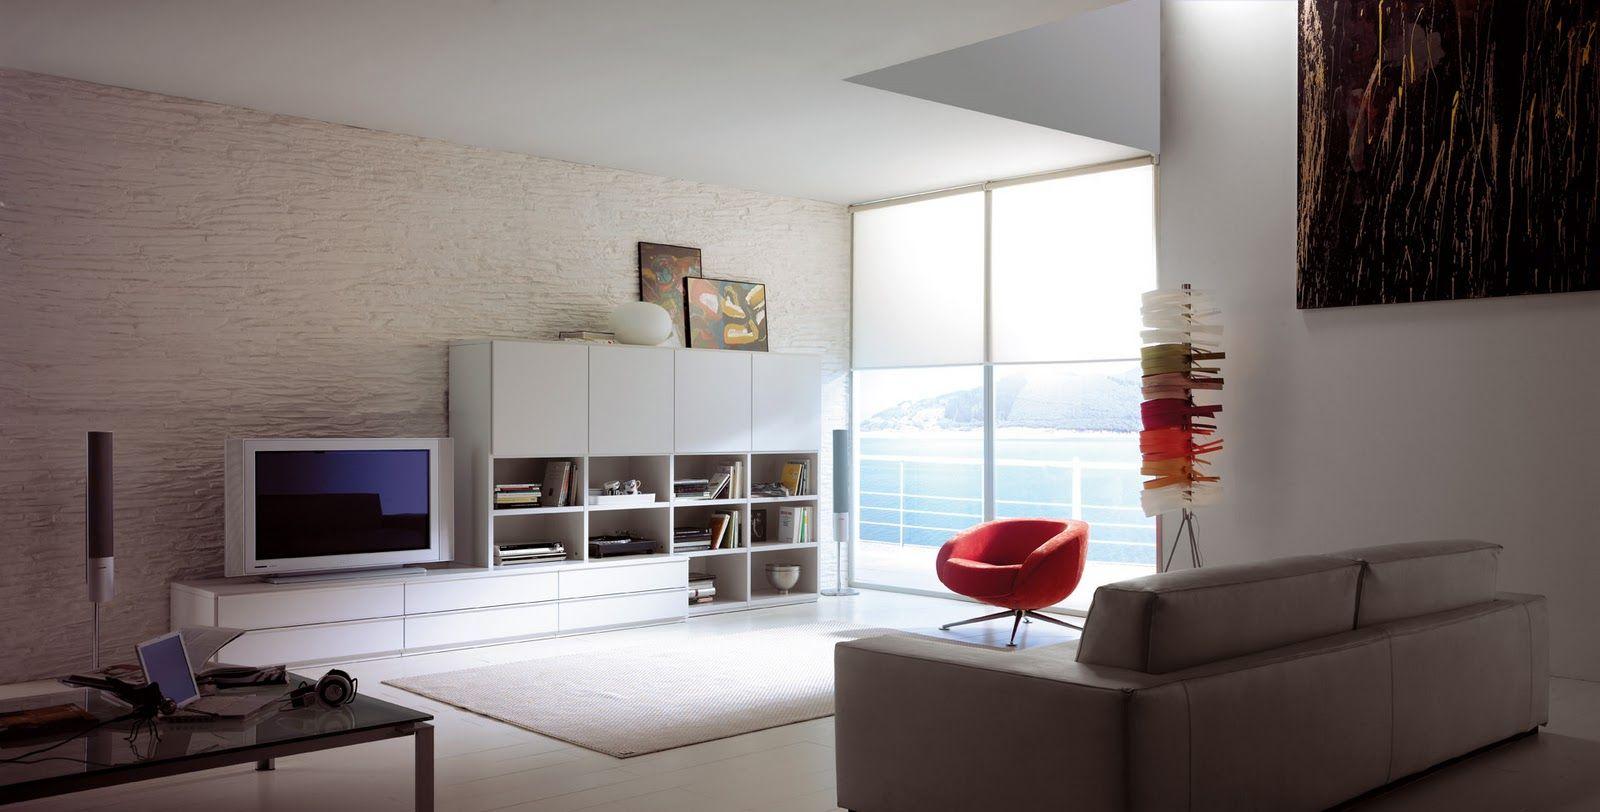 El color en la decoración: El blanco y los colores neutros : x4duros.com